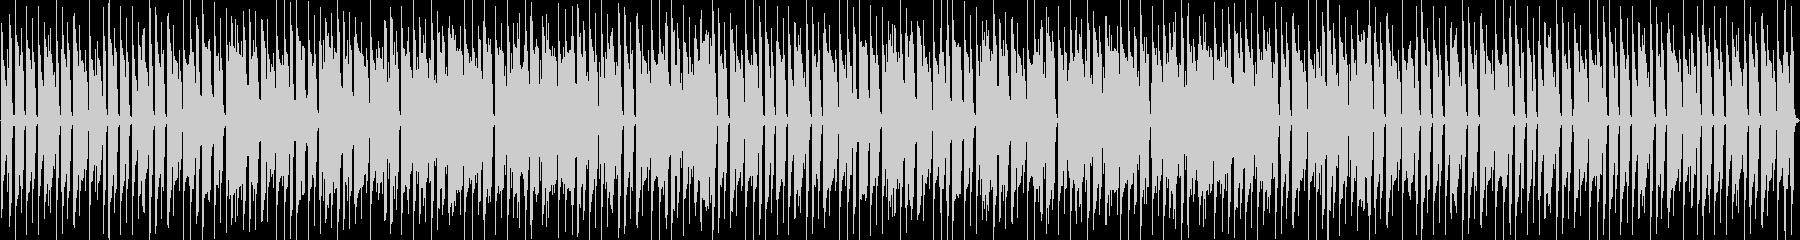 アコギでほのぼのBGMの未再生の波形